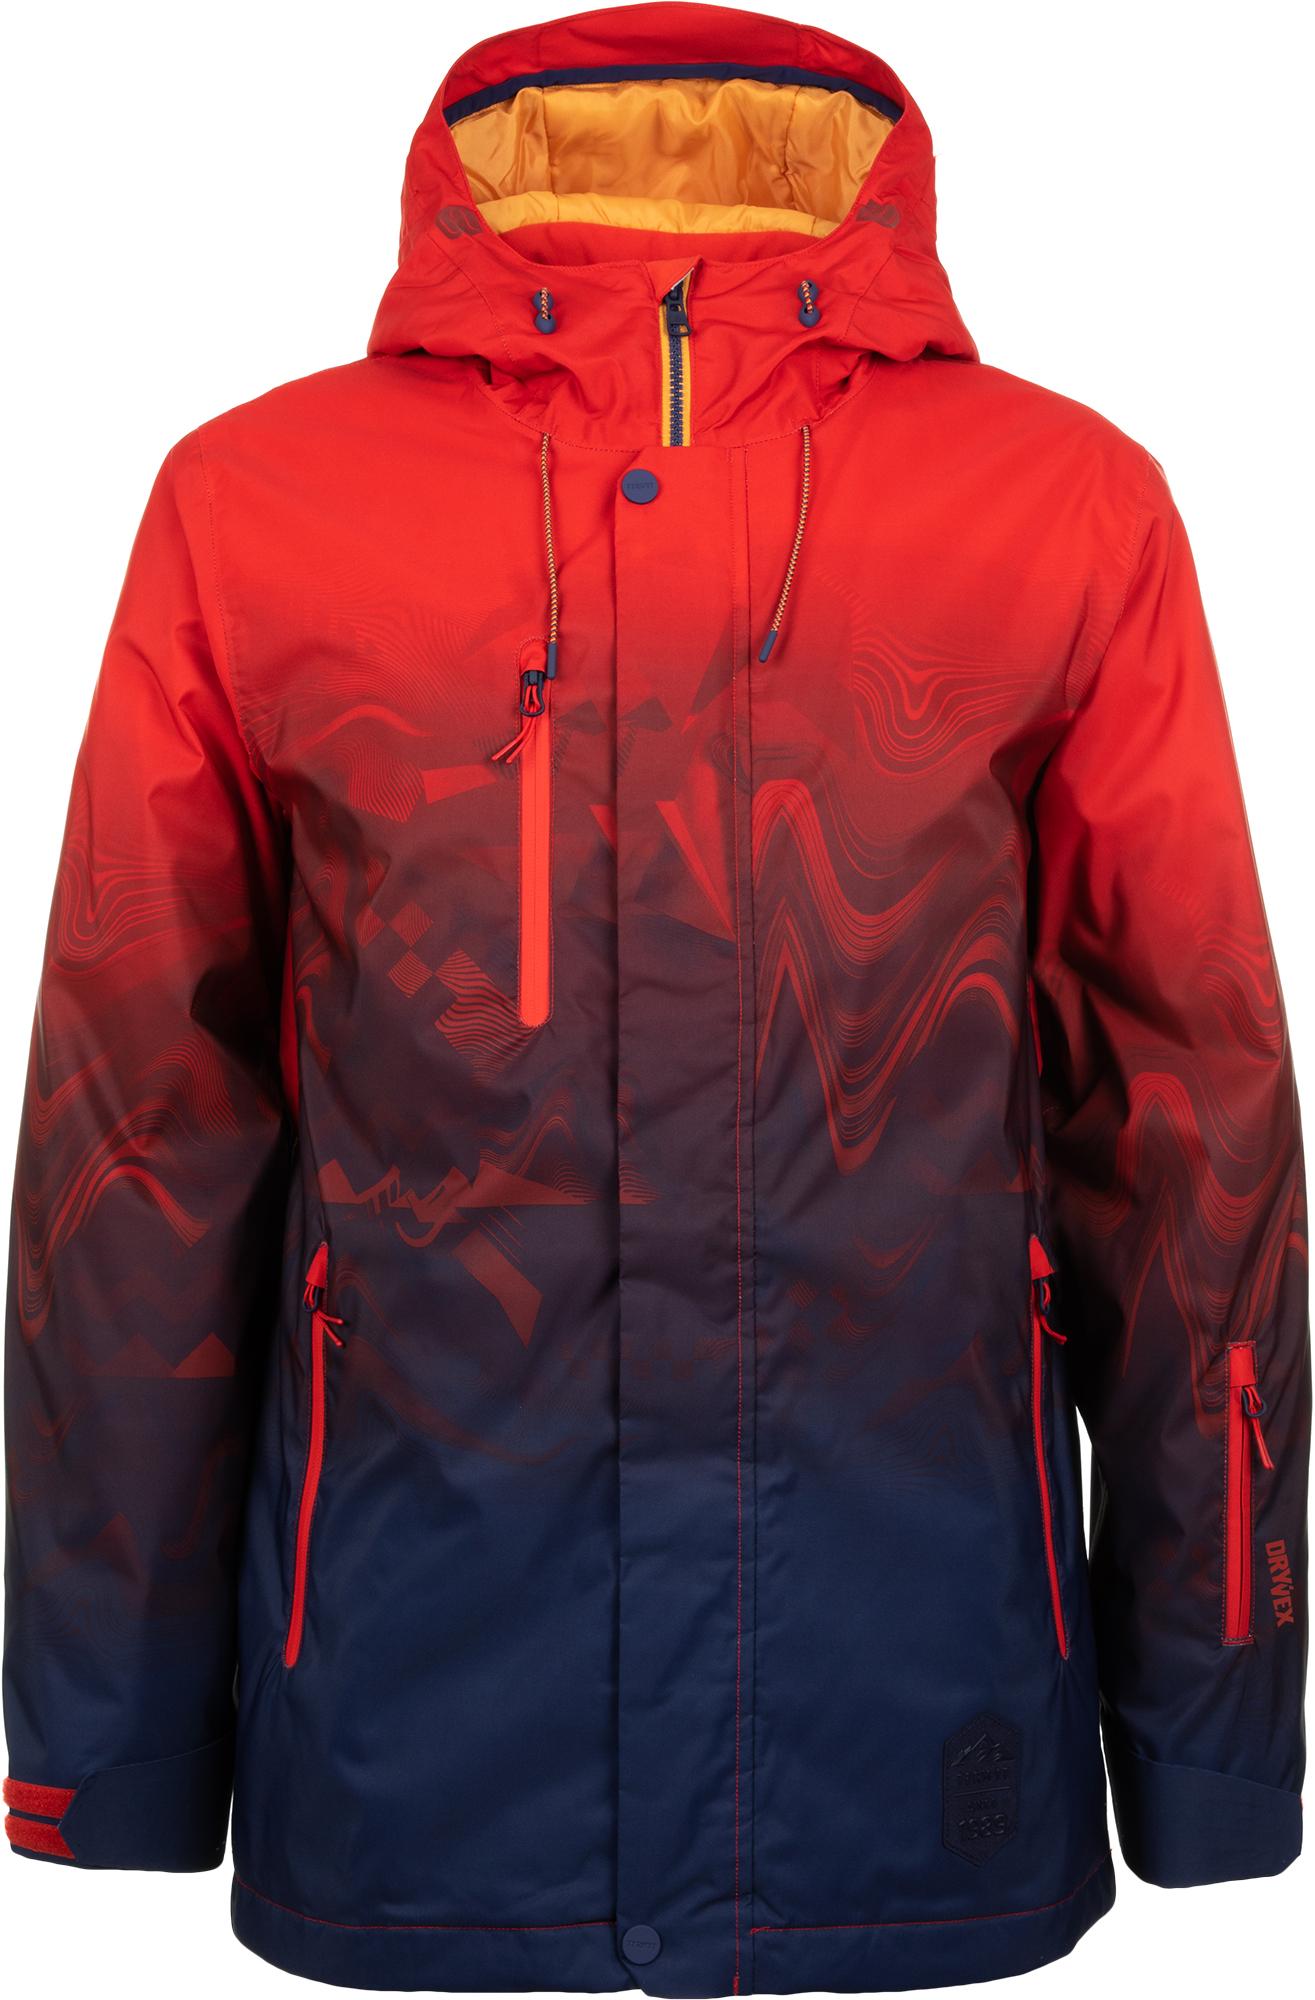 Termit Куртка утепленная мужская Termit, размер 52 prada утепленная куртка на молнии